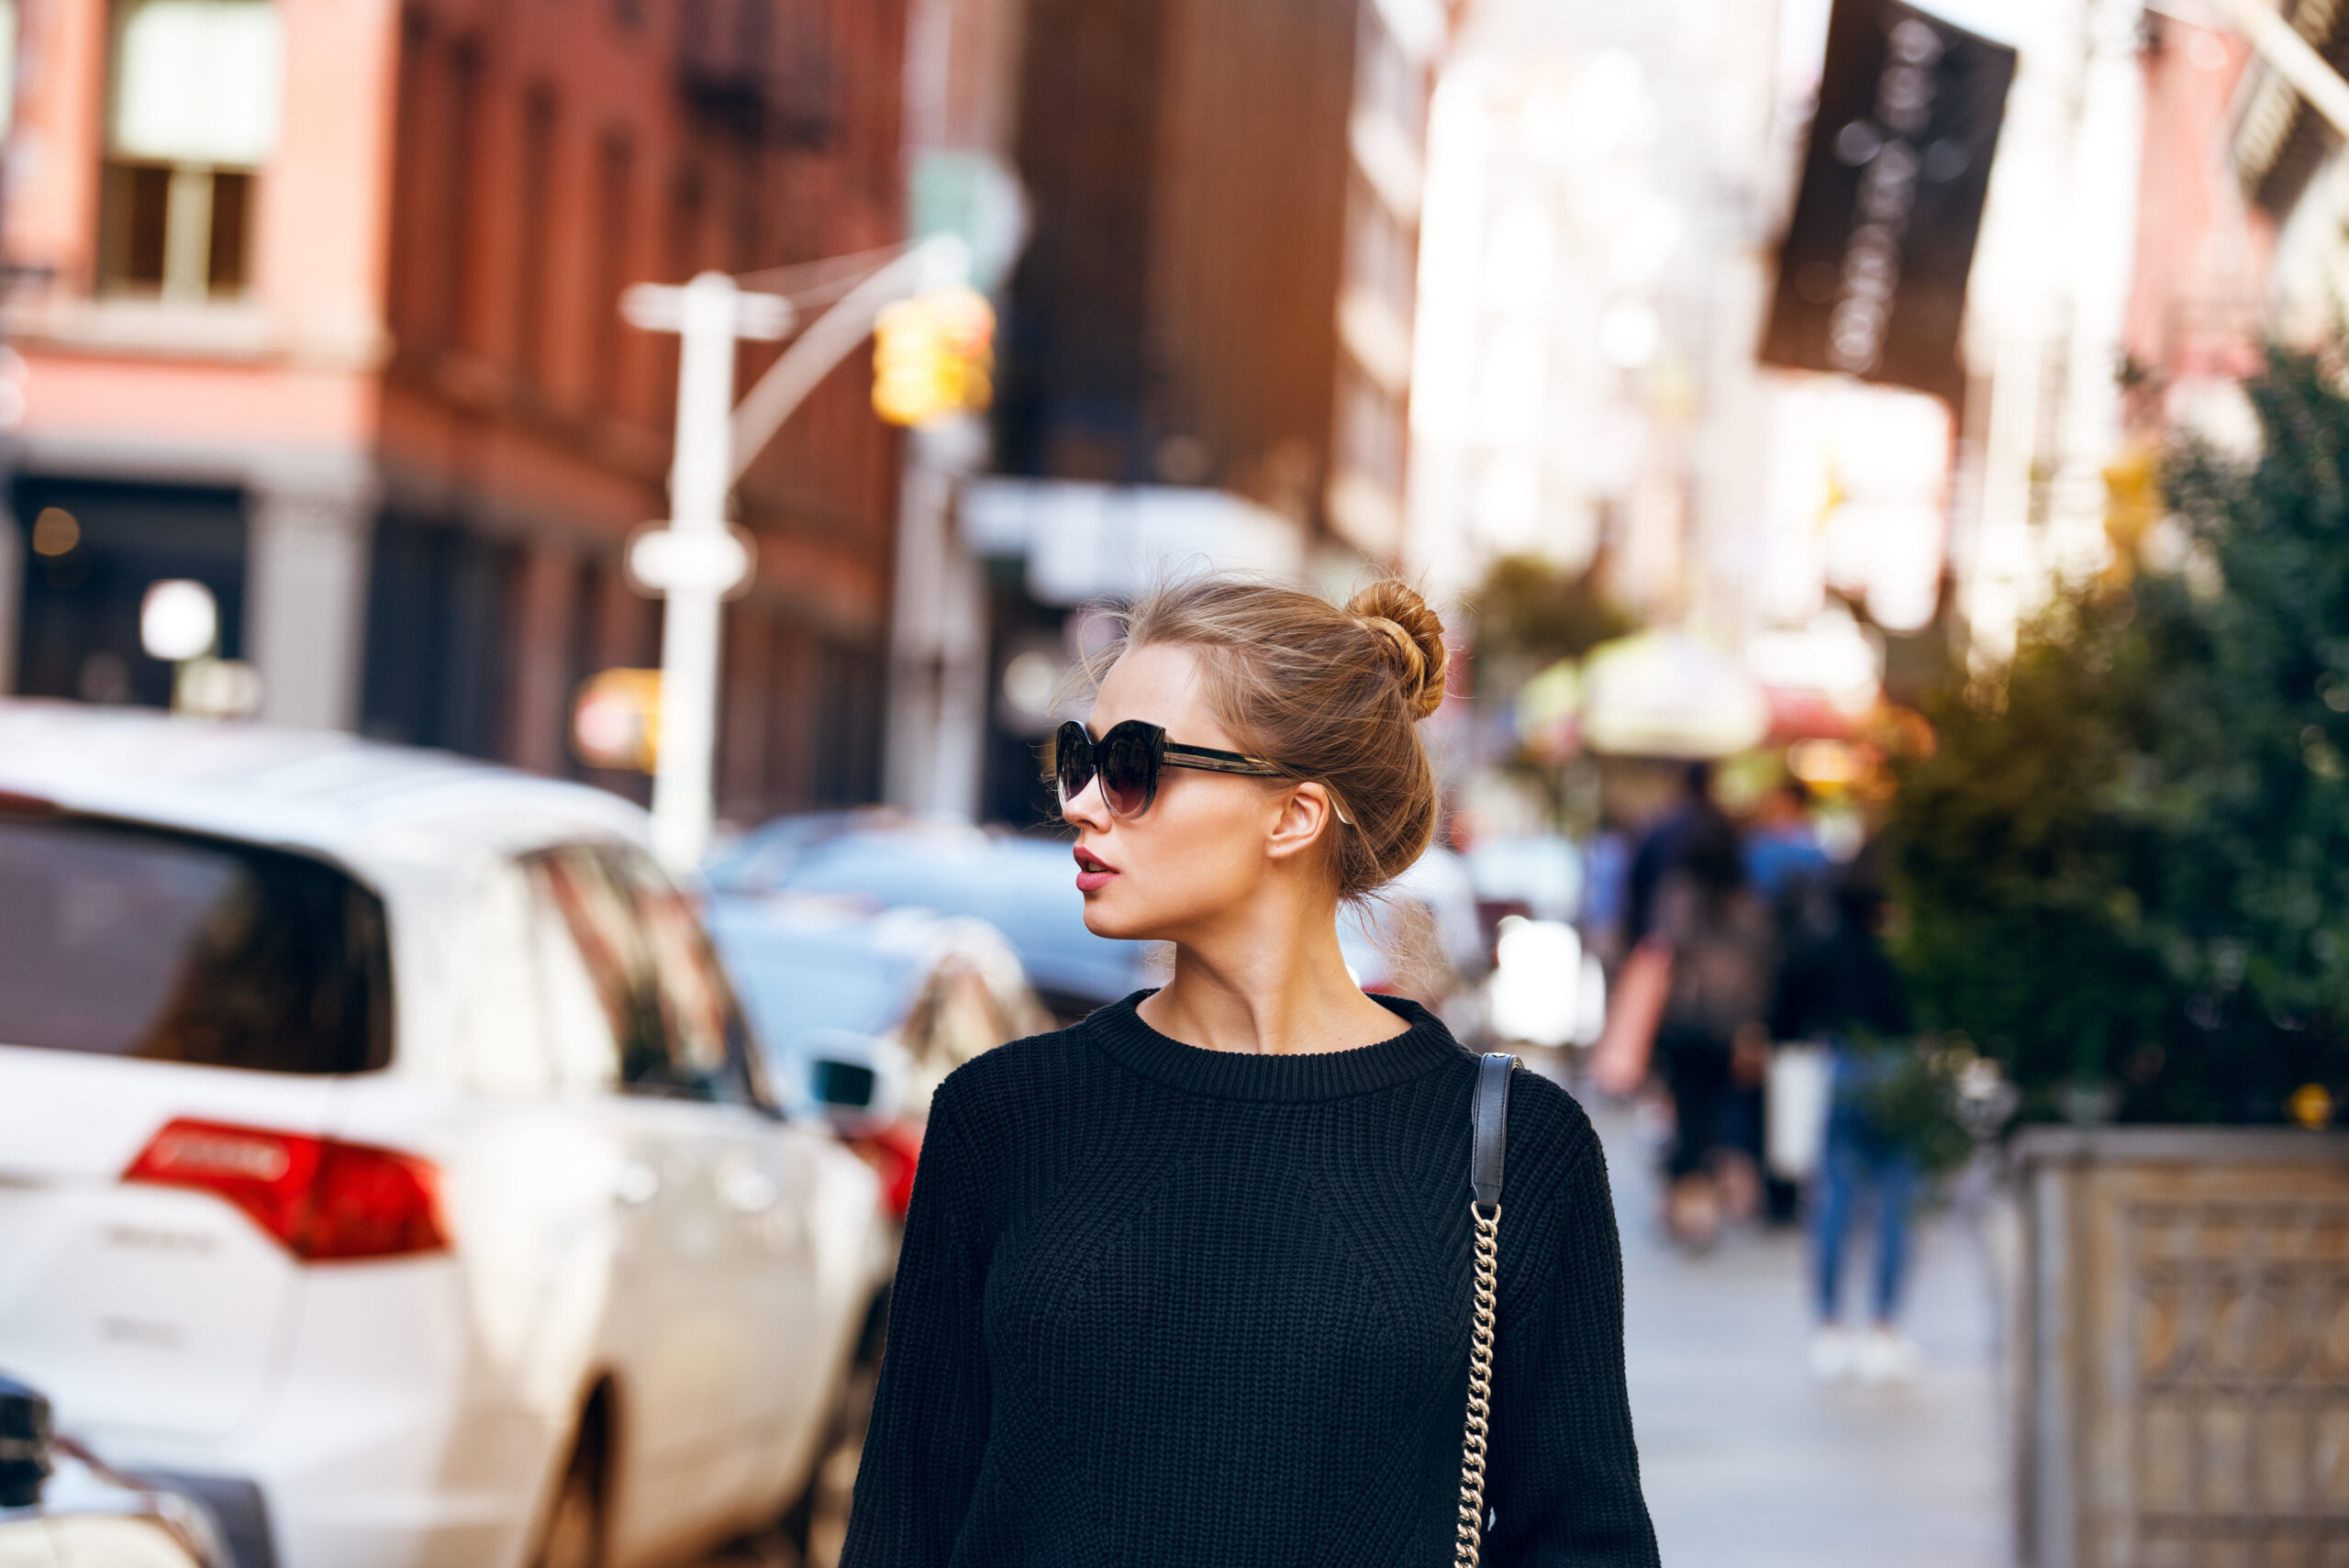 高身長女子ならではのファッションって?